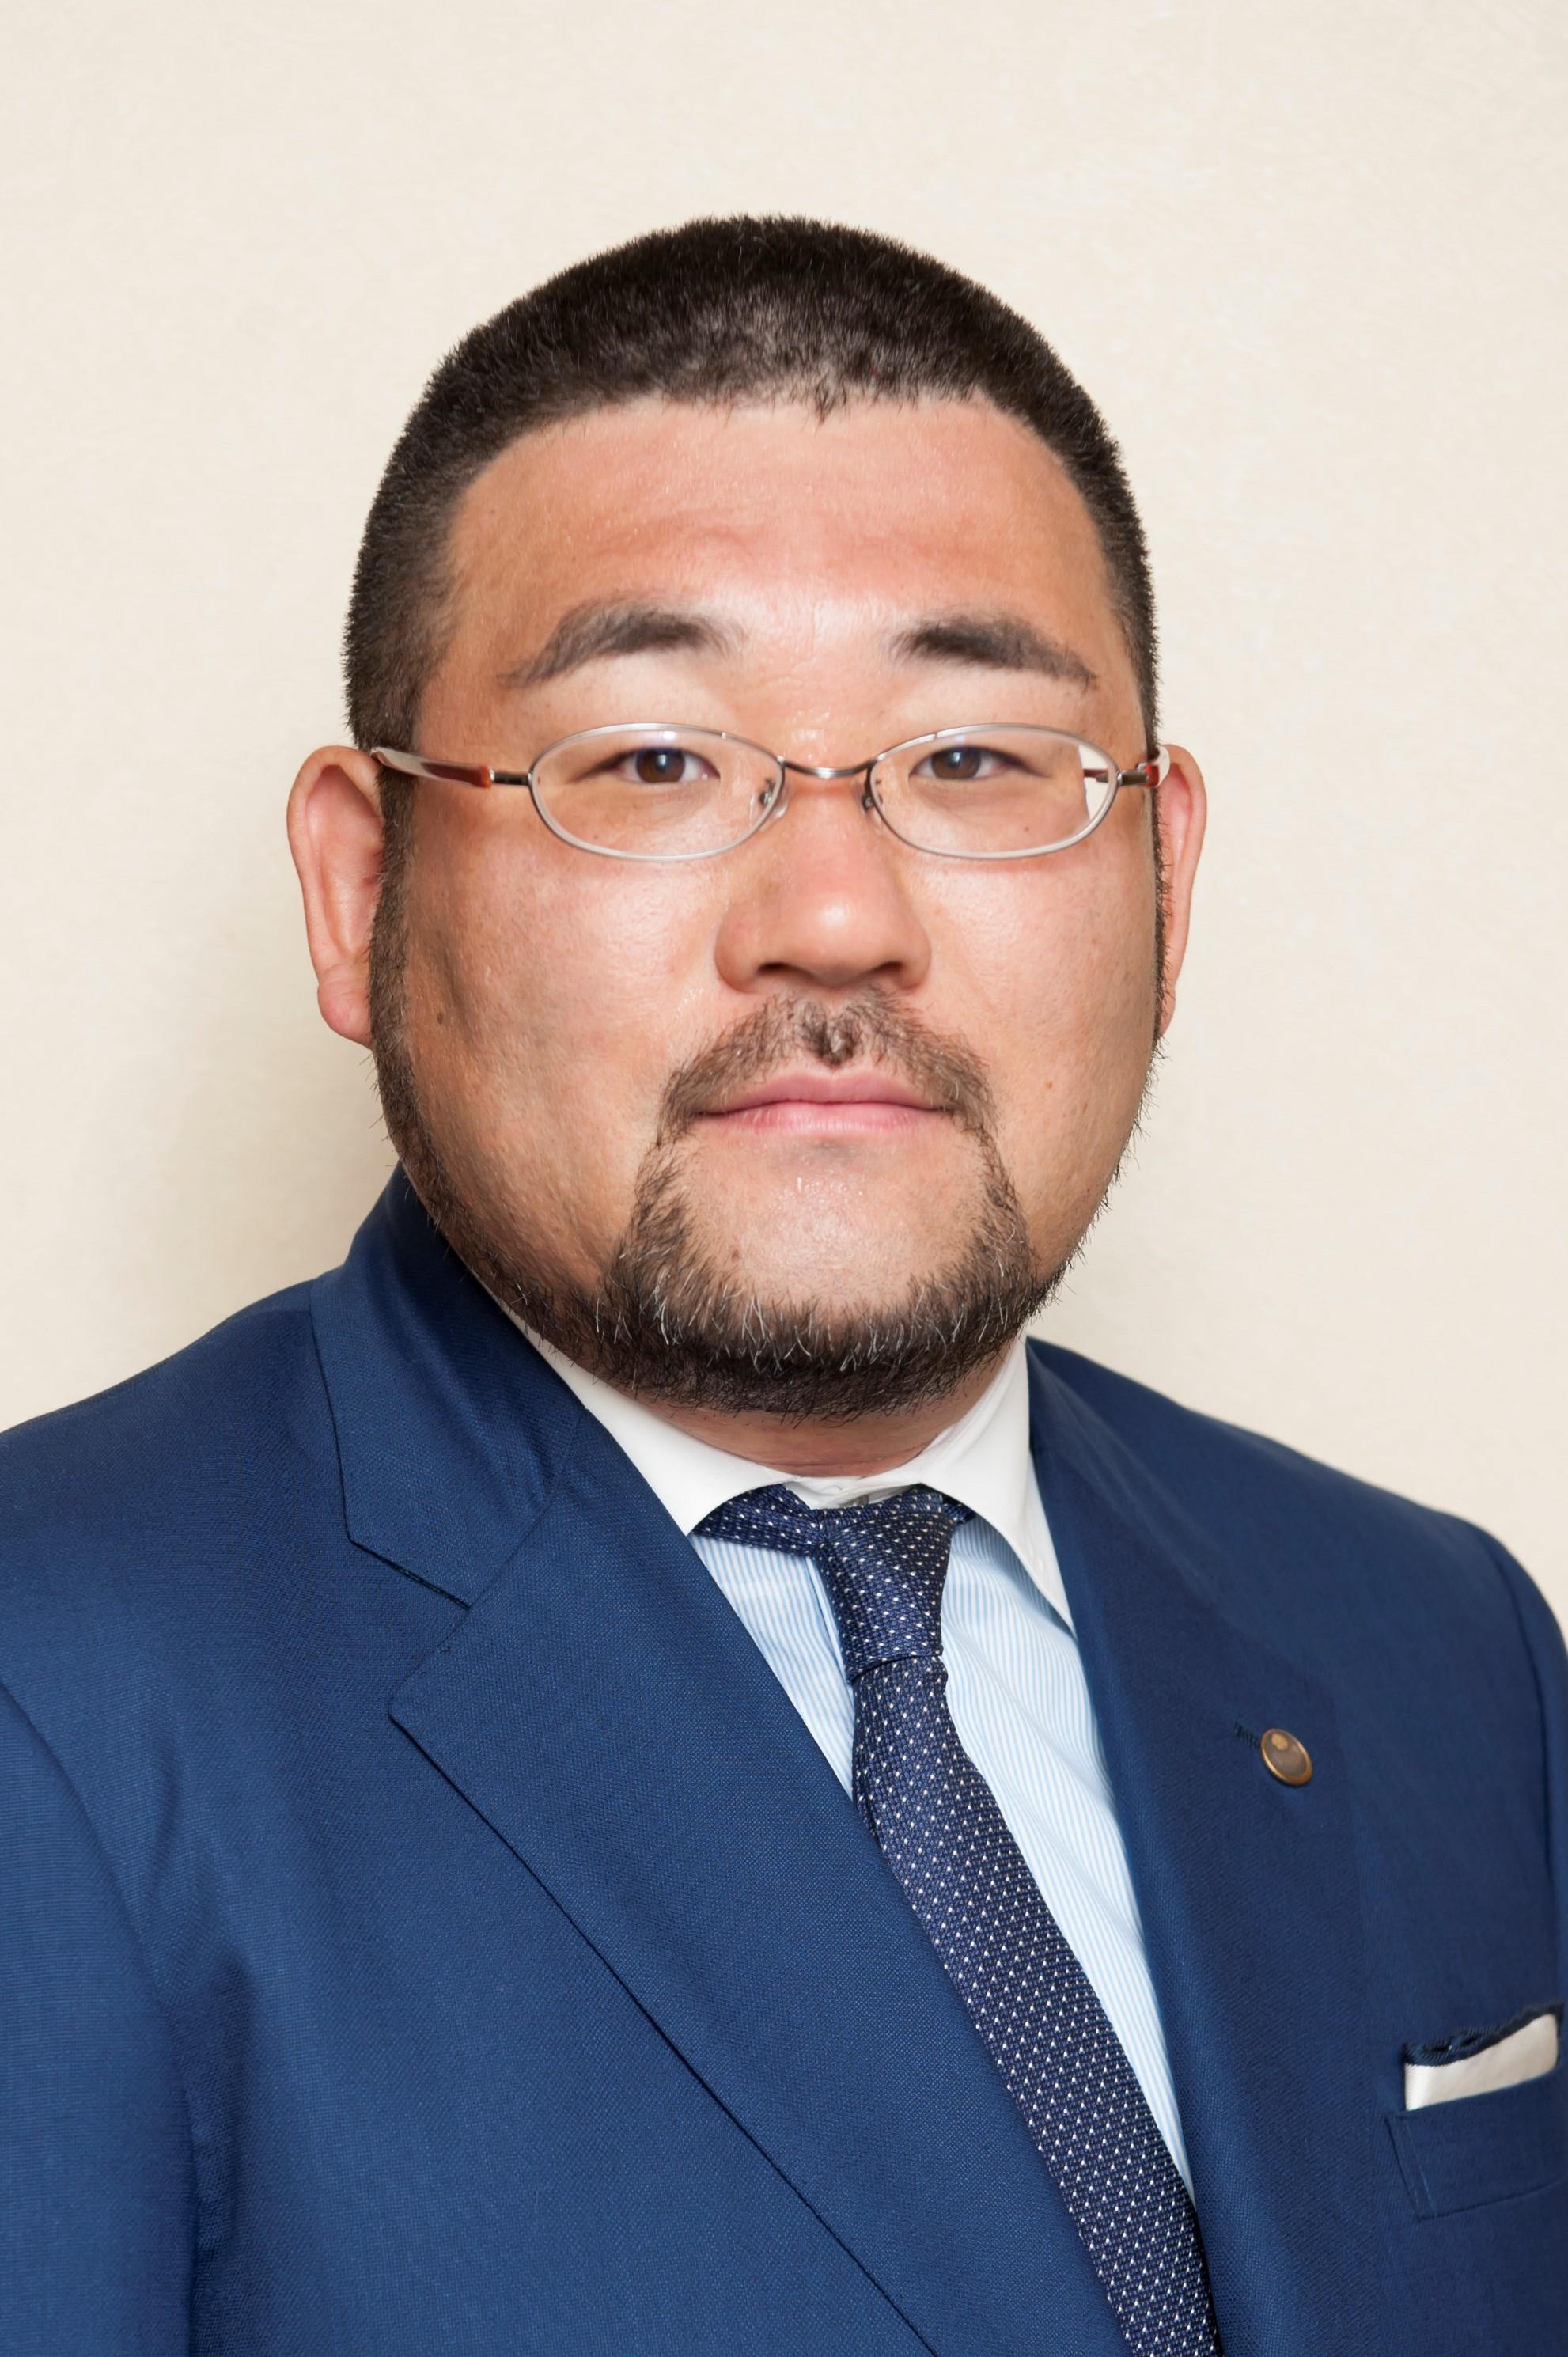 小宮山 榮|イマニシ税理士法人|東京税理士会に所属|税理士データベース